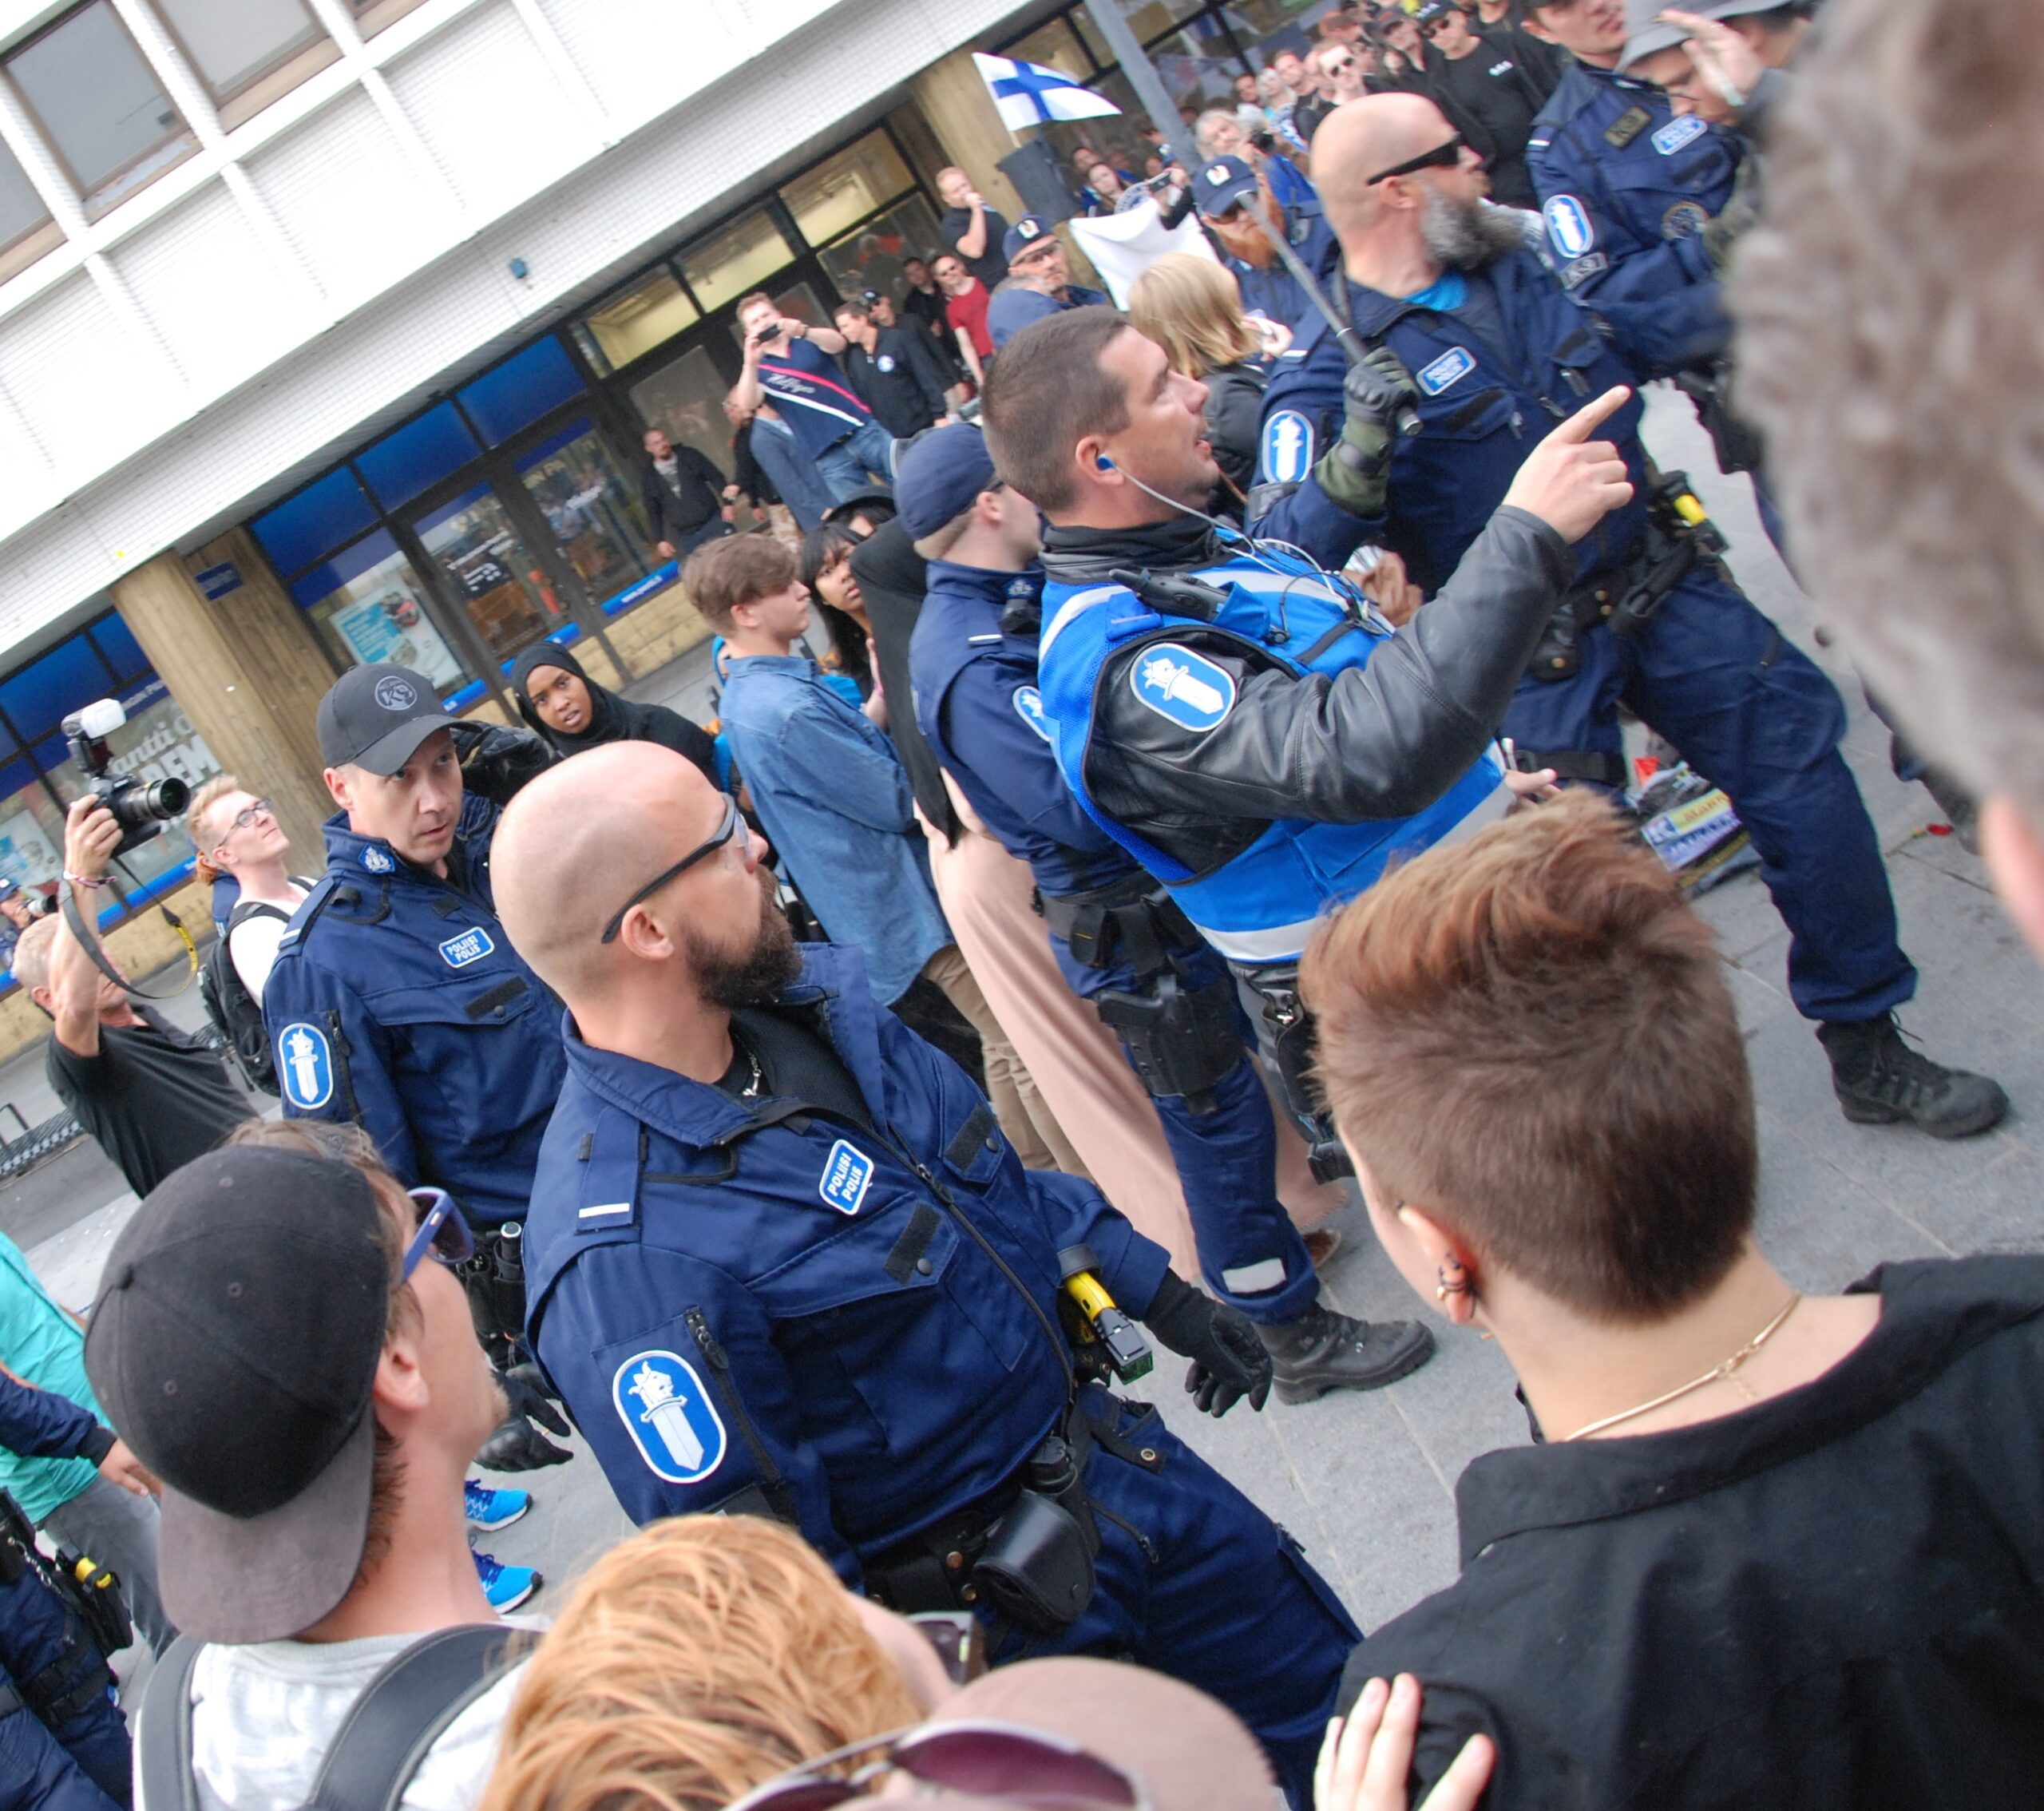 Poliisit pistivät ranttaliksi. Kaaos vallitsee ja kukaan ei tunnu olevan selvillä asioista. Kaiken kaikkiaan tunnelma oli kuitenkin suhteellisen rauhallinen. Tilaisuuden jälkeen eräs mielenosoittajia läpi tapahtuman seurannut kuvaaja kuitenkin toteaa, että mielenosoittajien joukosta livahti vähän väliä tyyppejä yleisön joukkoon. Kuka sitten kenenkin kanssa riidellyt.